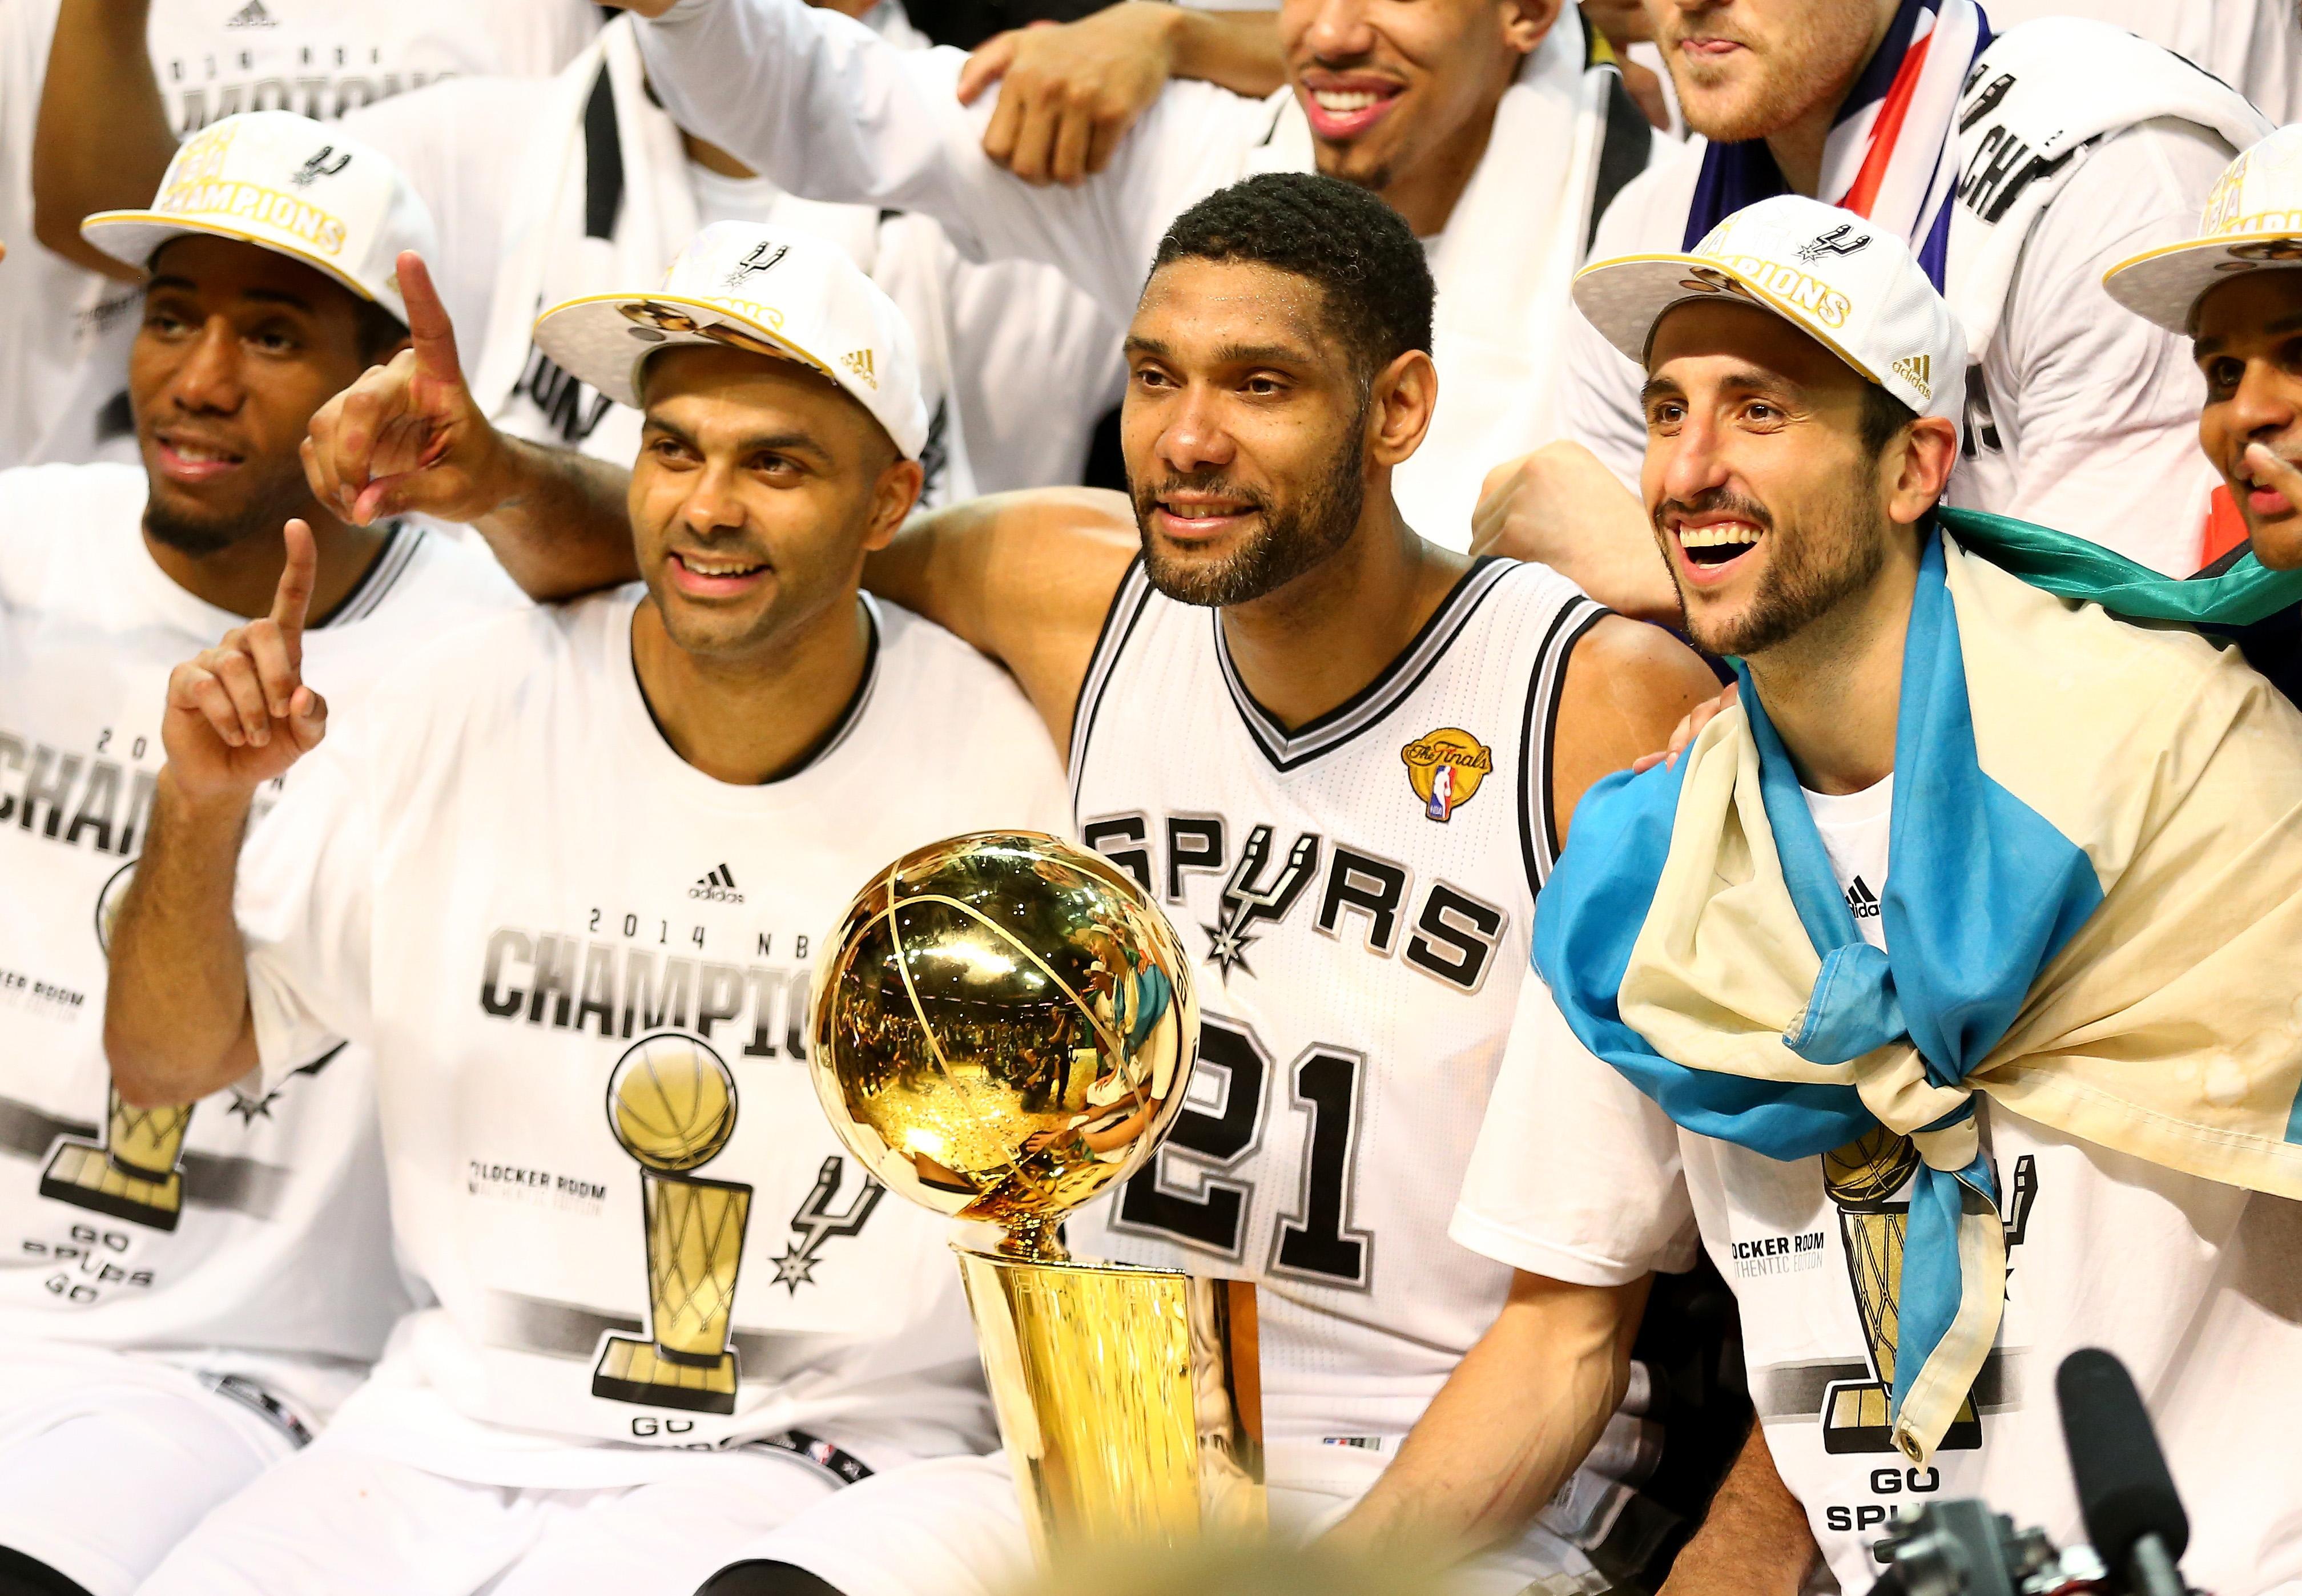 Топ-5 самых значимых событий в карьере Тони Паркера в НБА